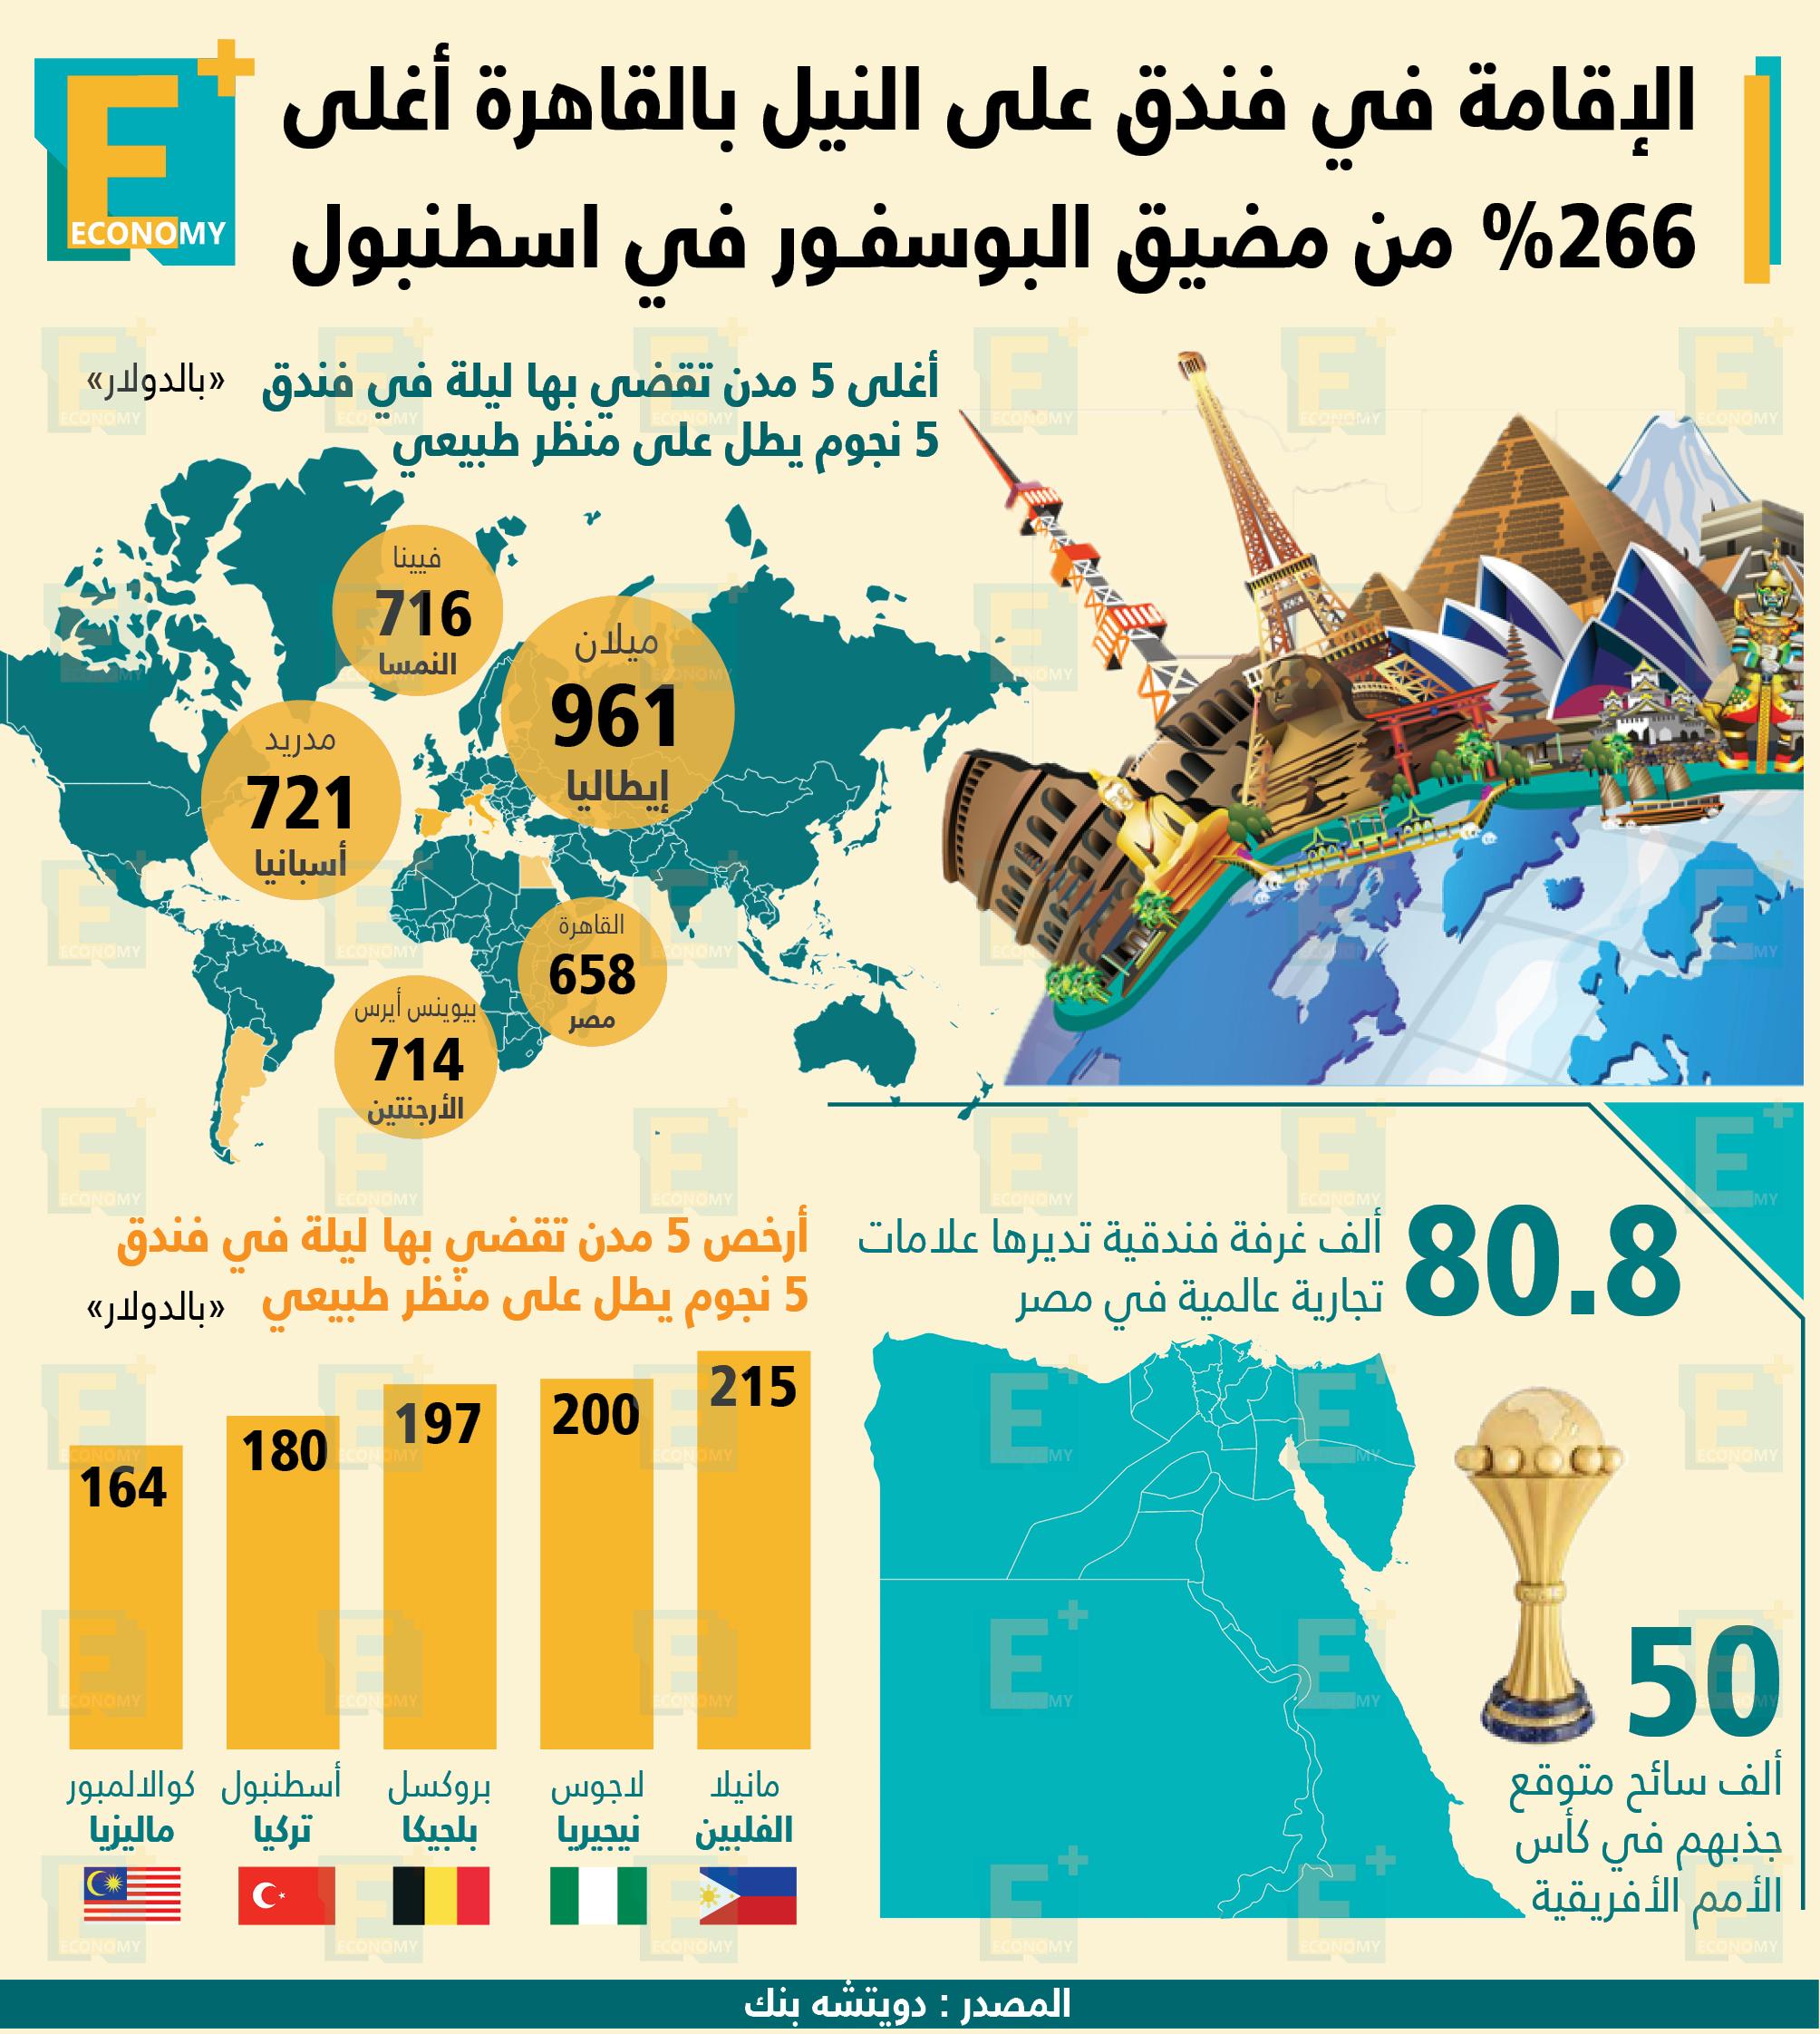 الإقامة في فندق على النيل بالقاهرة أغلى 266% من مضيق البوسفور في إسطنبول.